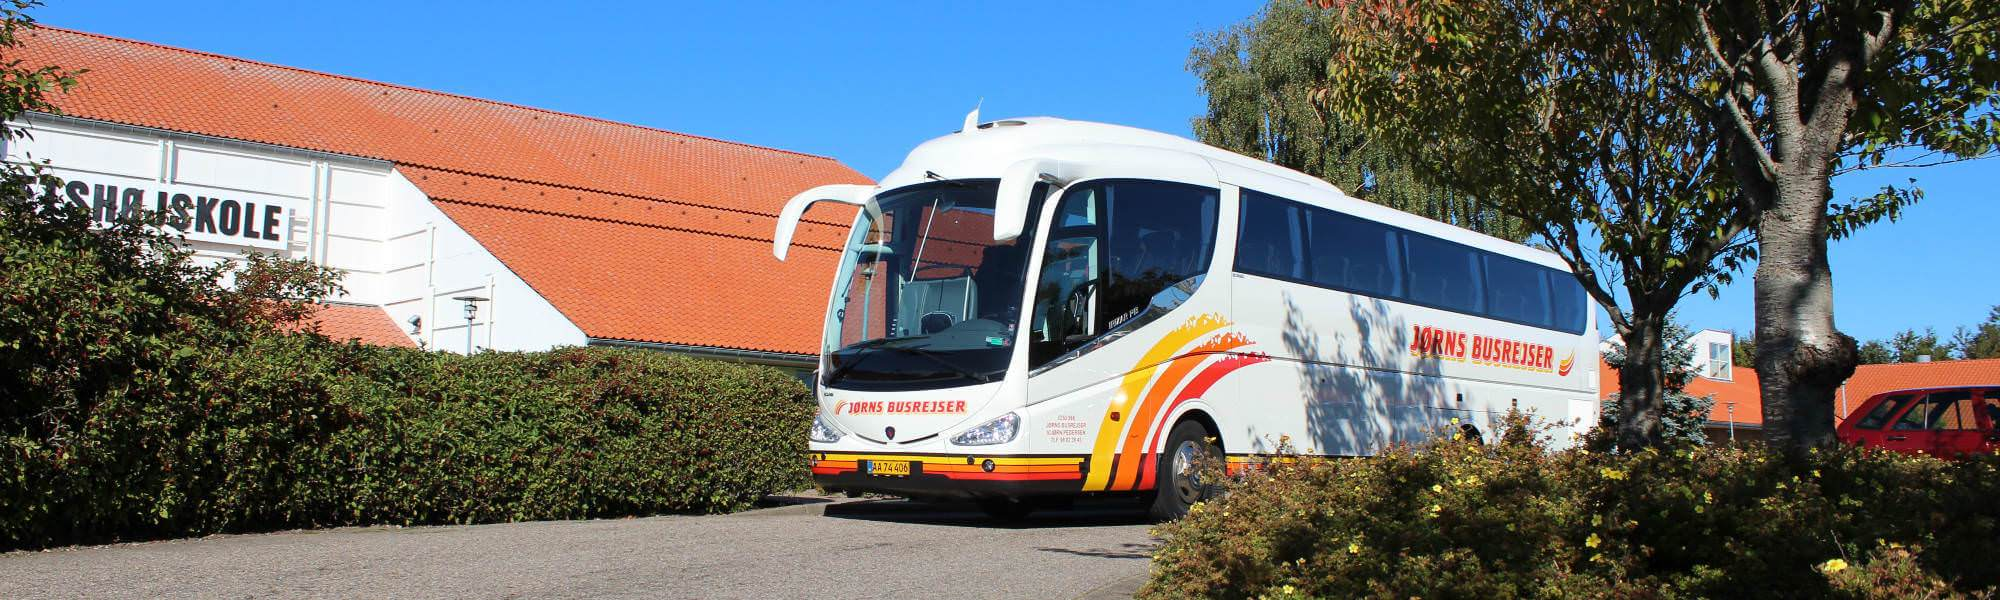 busrejser minibus